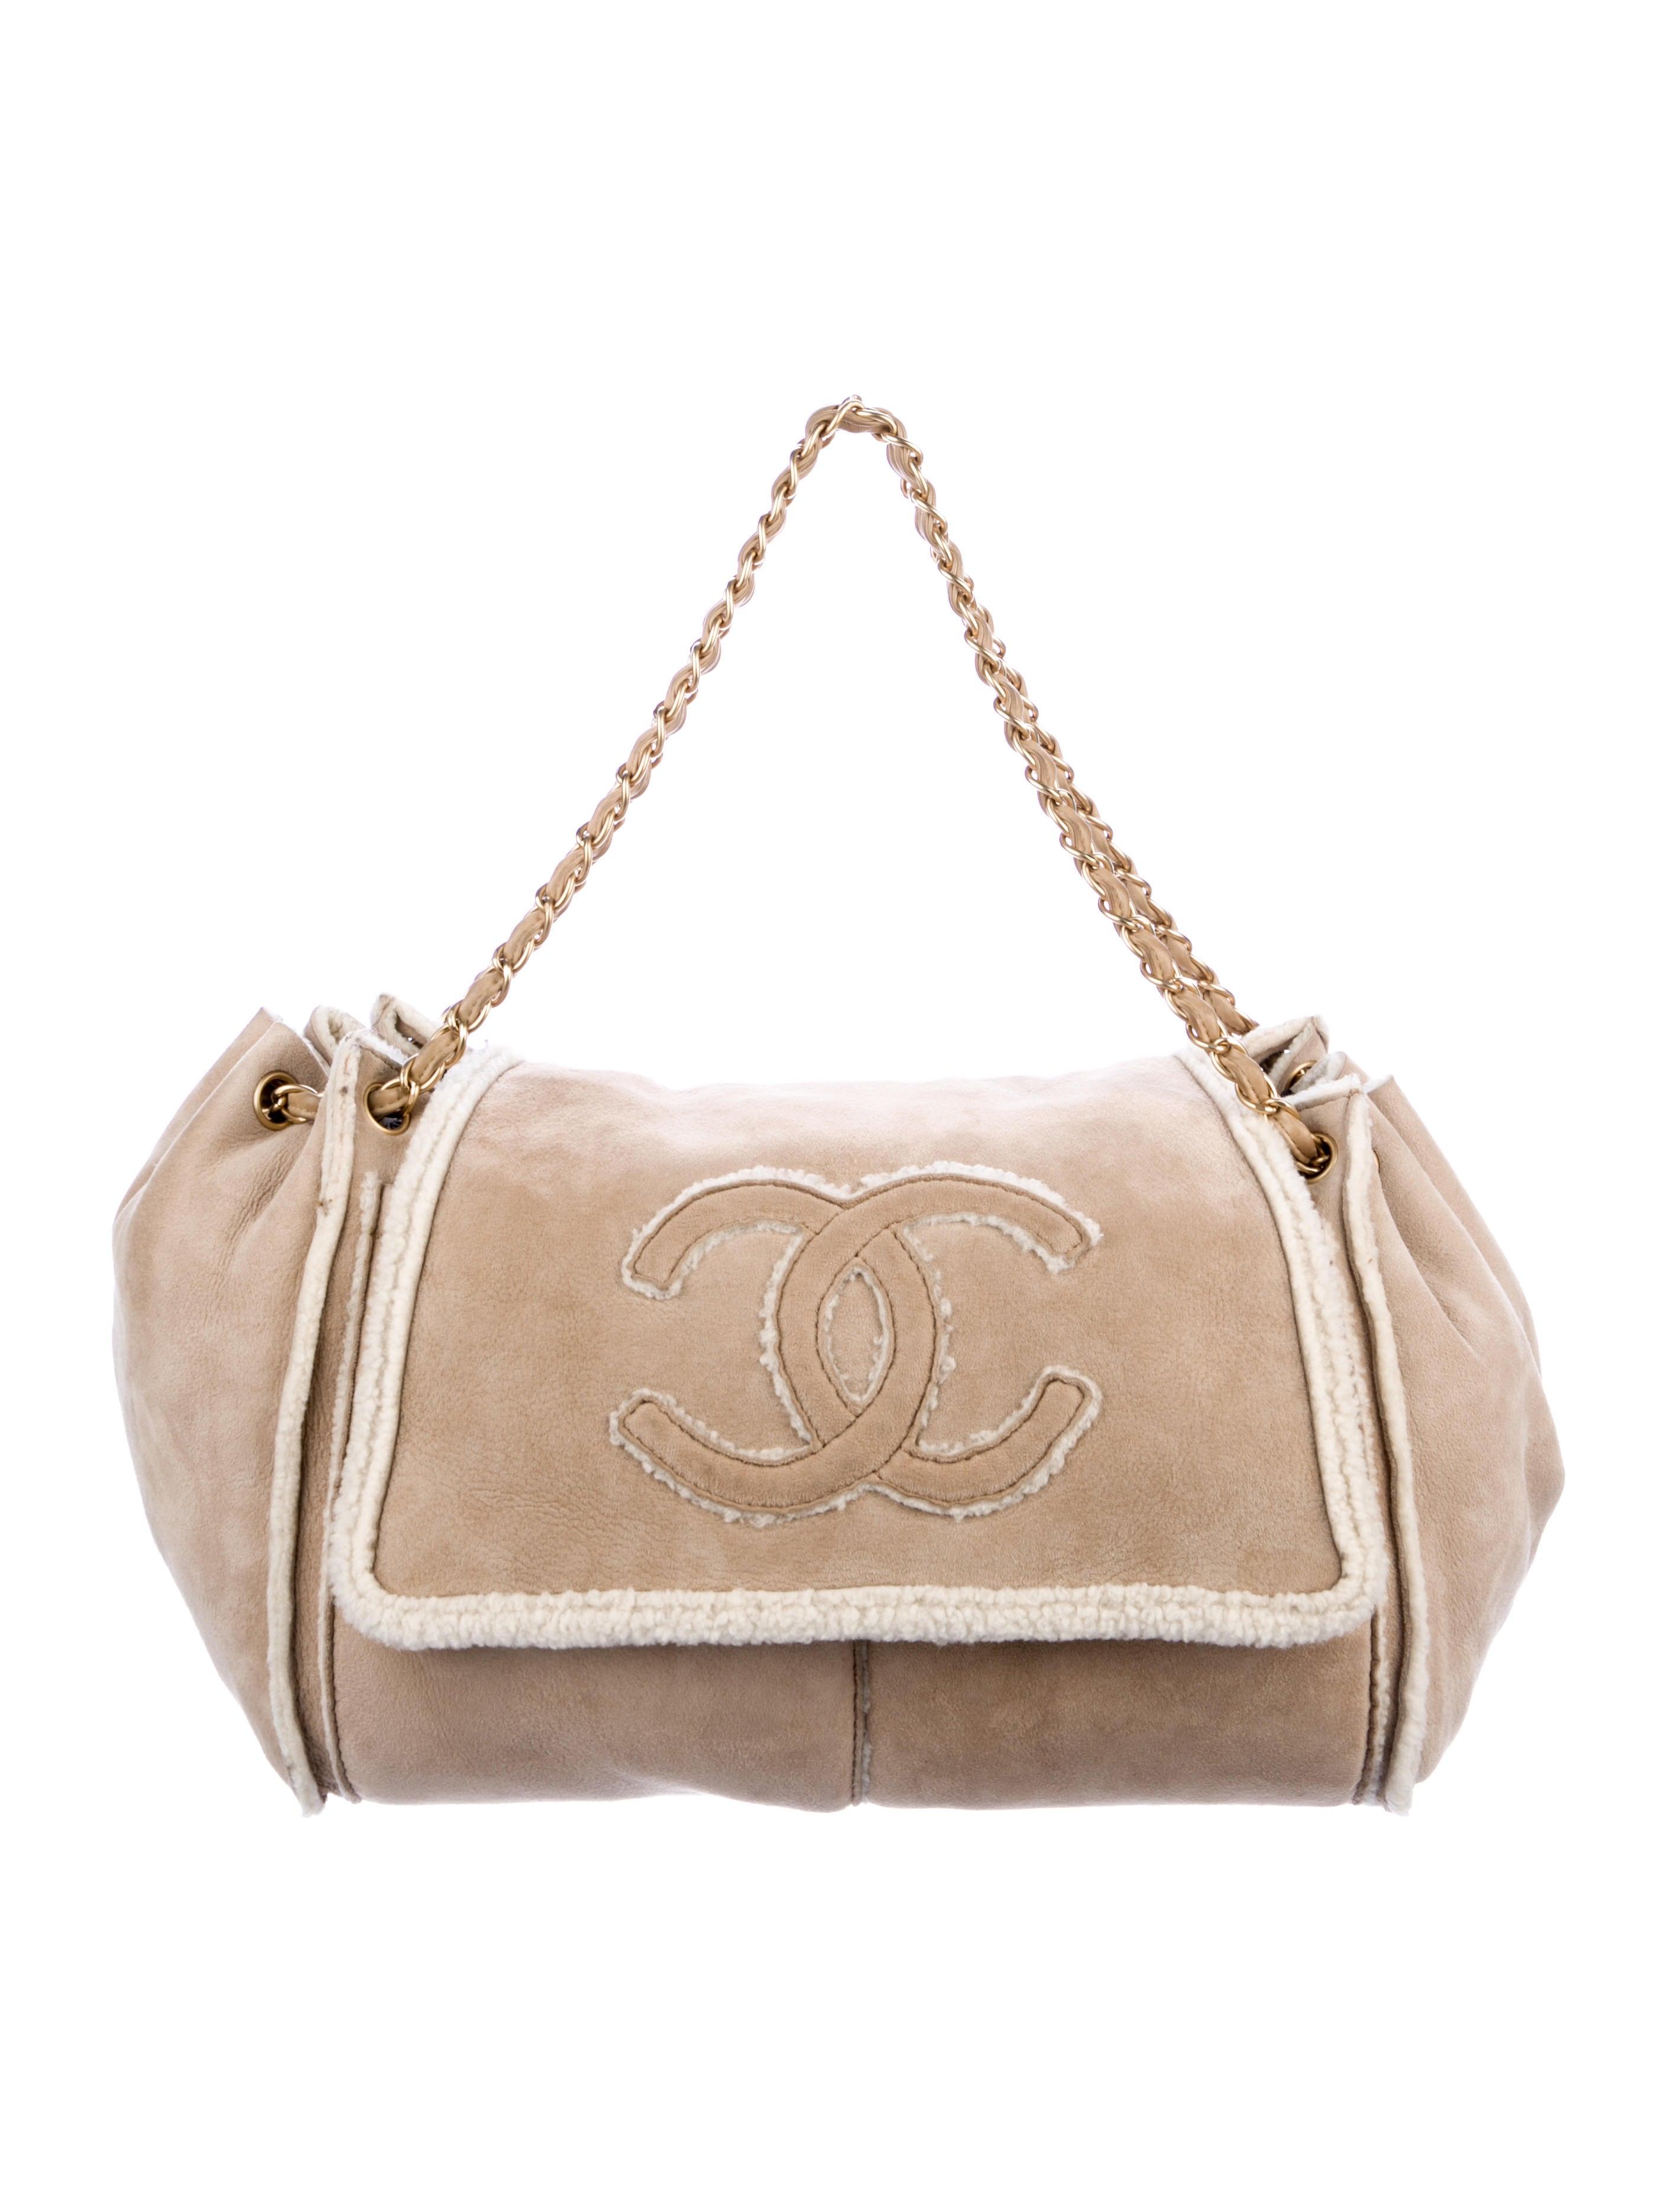 3aa913460522be Chanel Shearling Small Accordion Flap Bag - Handbags - CHA281600 ...